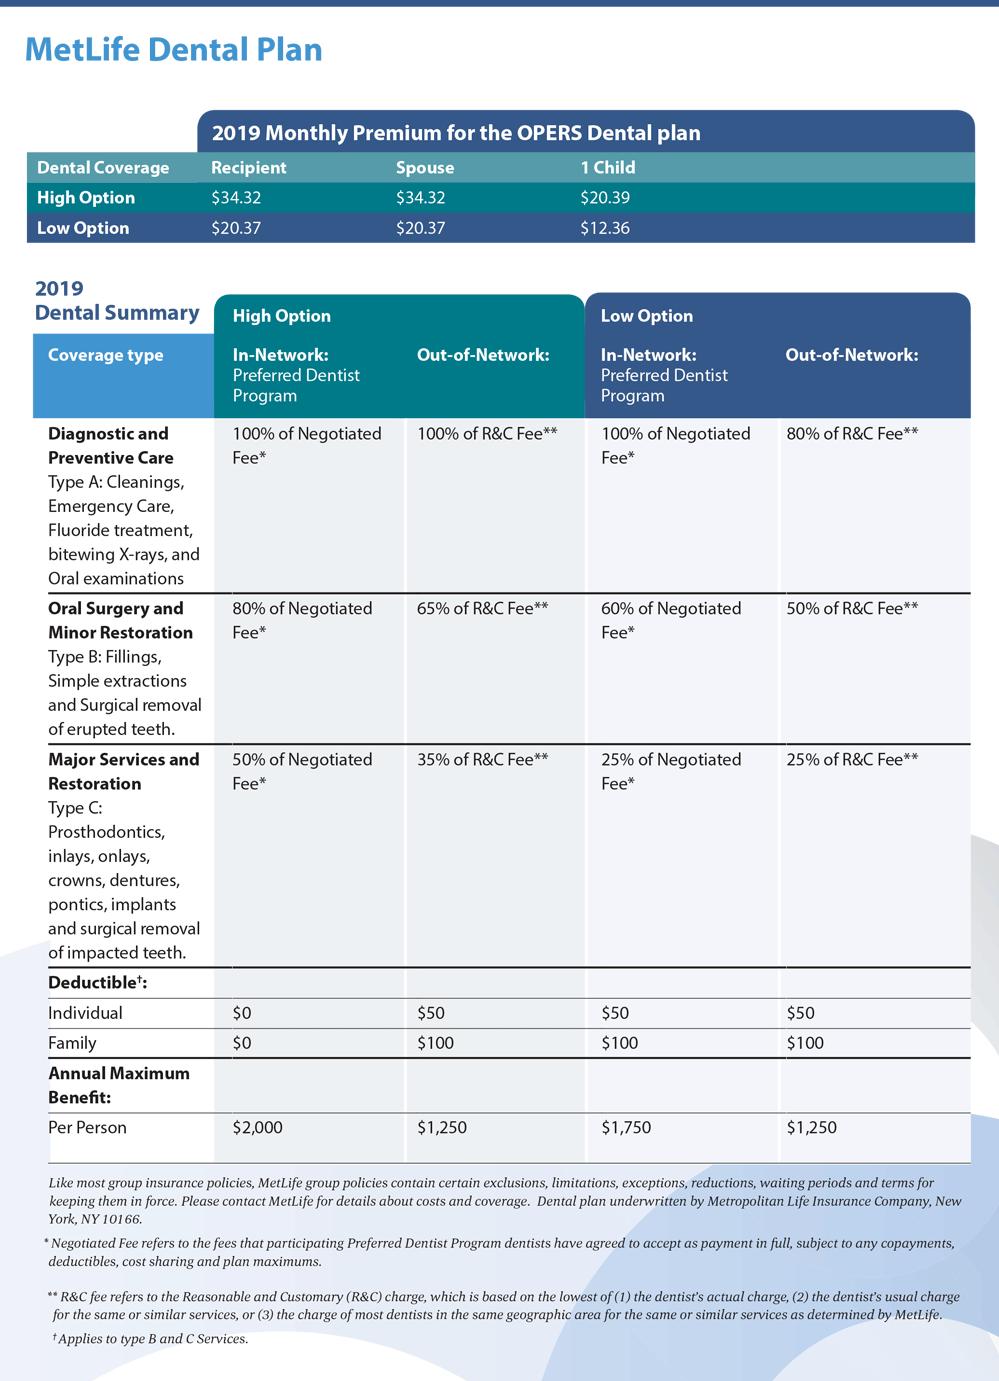 OPERS Health Care - MetLife Dental Plan